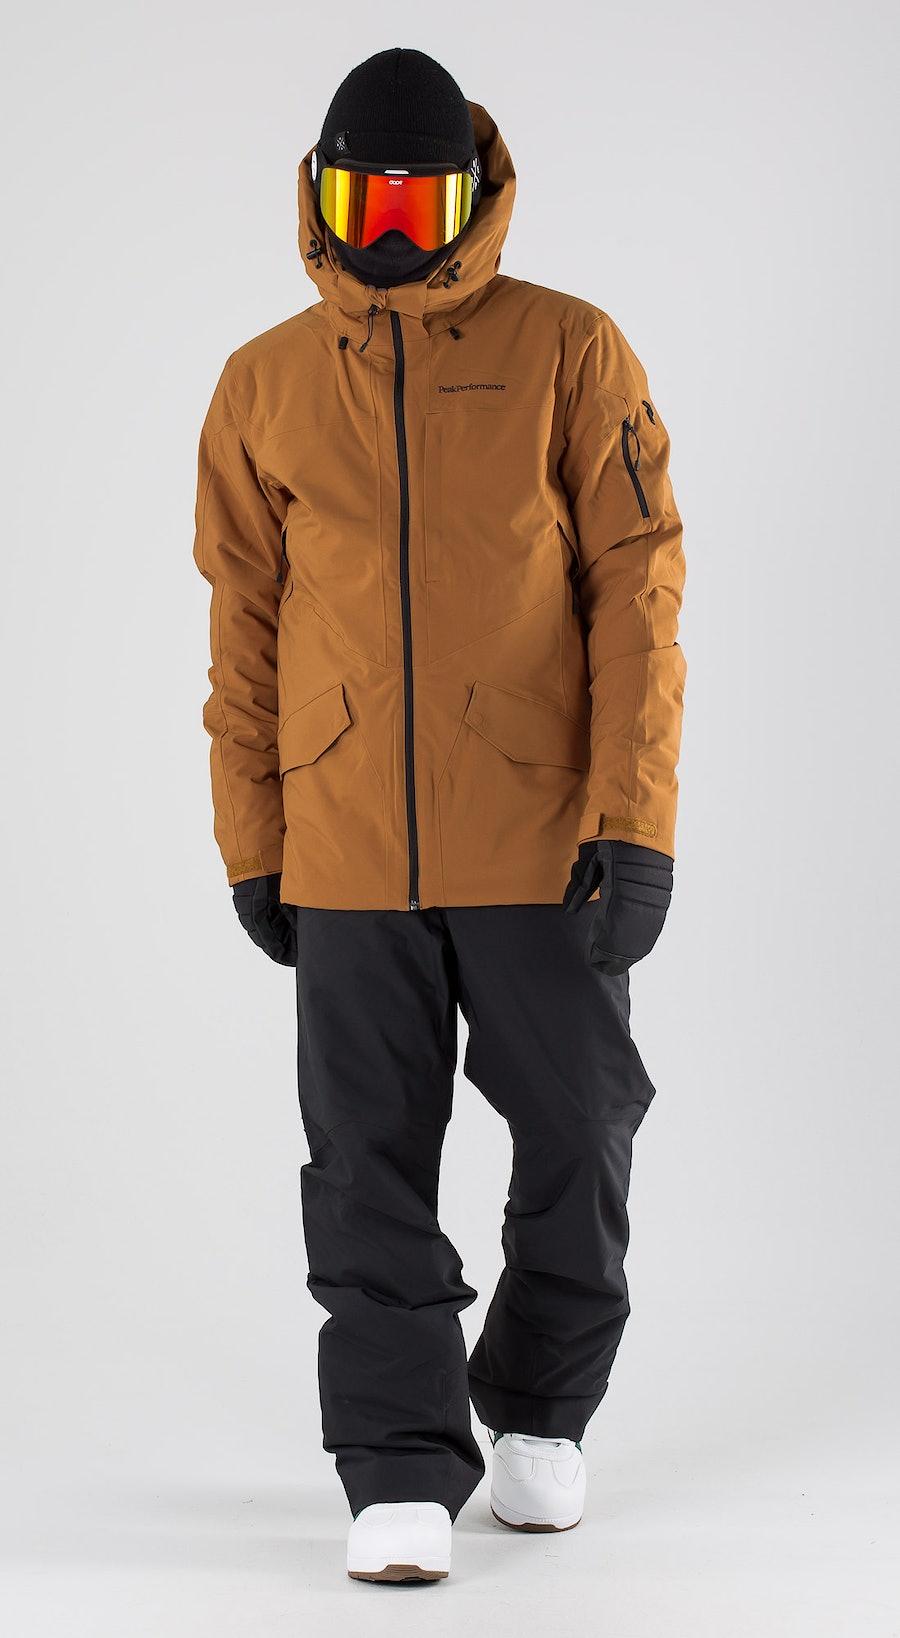 Peak Performance Maroon Long Honey Brown Snowboardkläder Multi